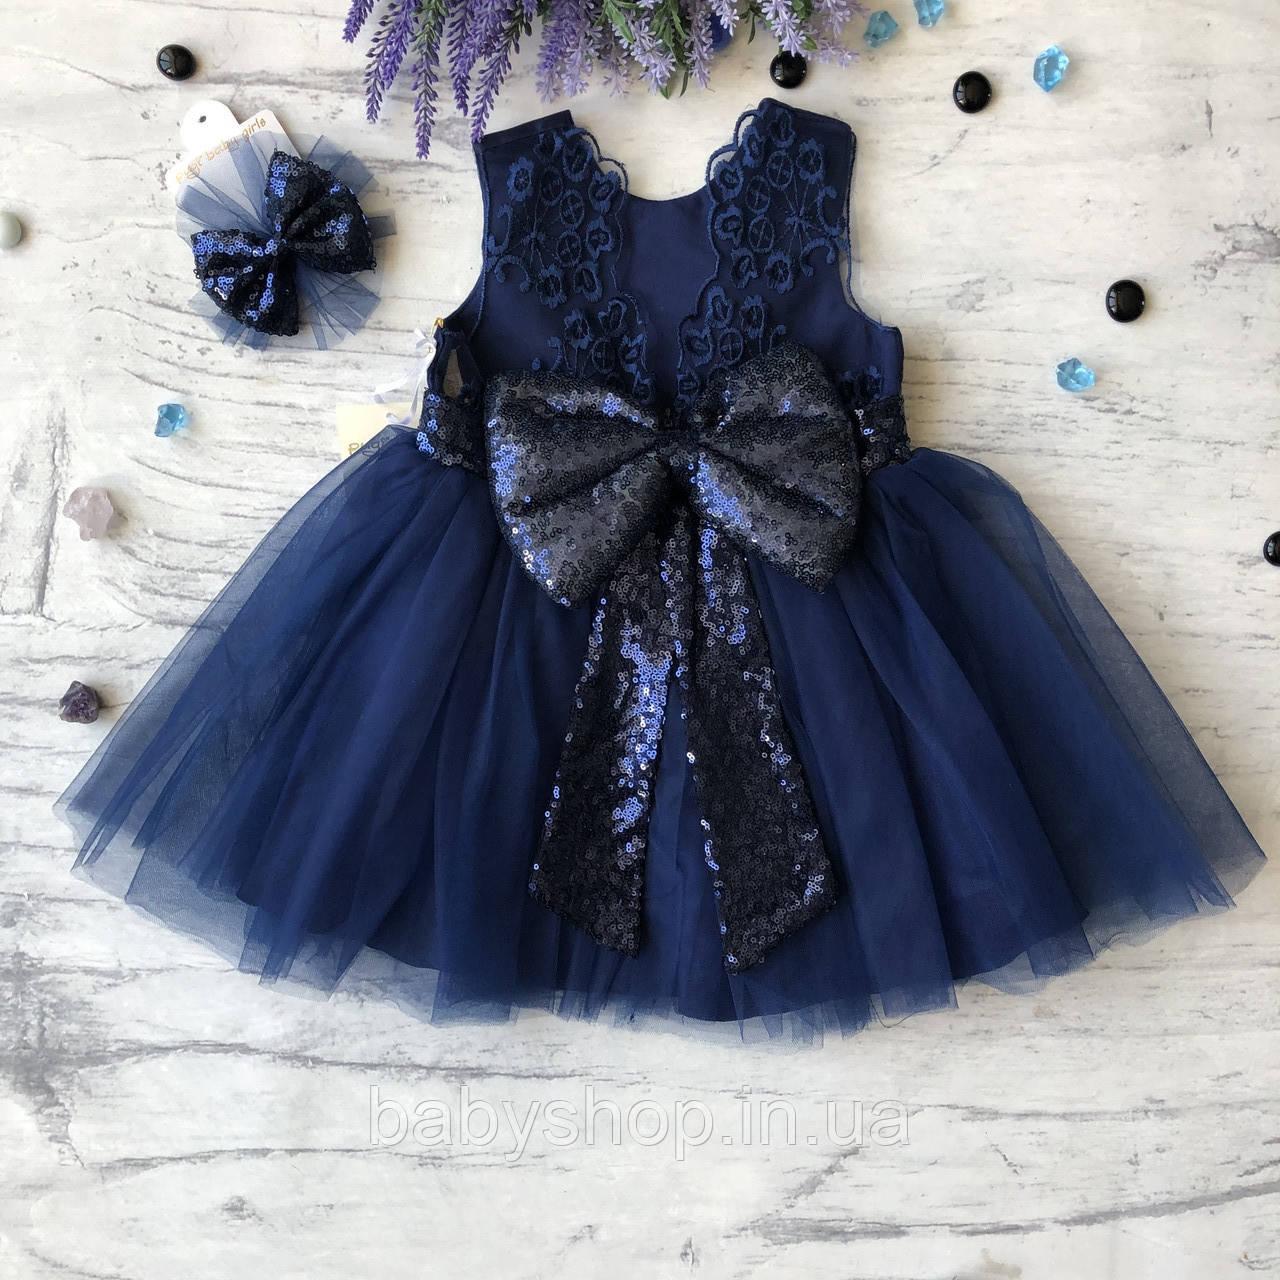 Нарядное синее платье с бантом на девочку на девочку 7. Размеры  98 см